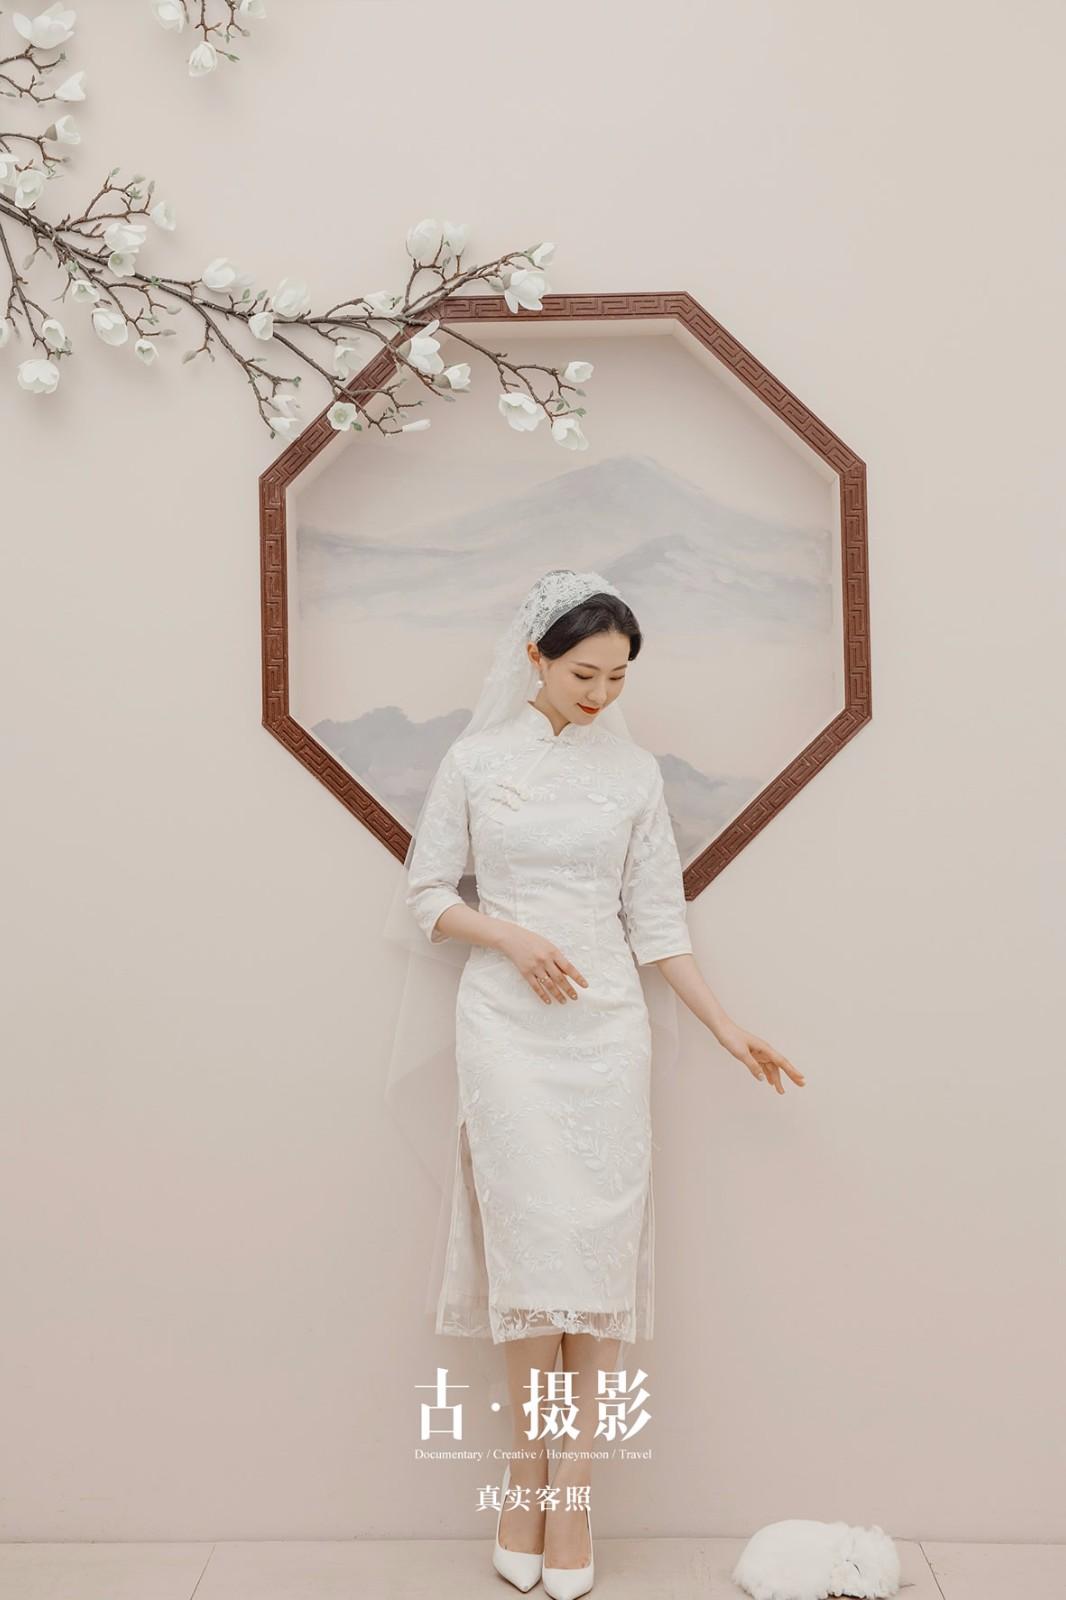 麦先生 文小姐 - 每日客照 - 广州婚纱摄影-广州古摄影官网